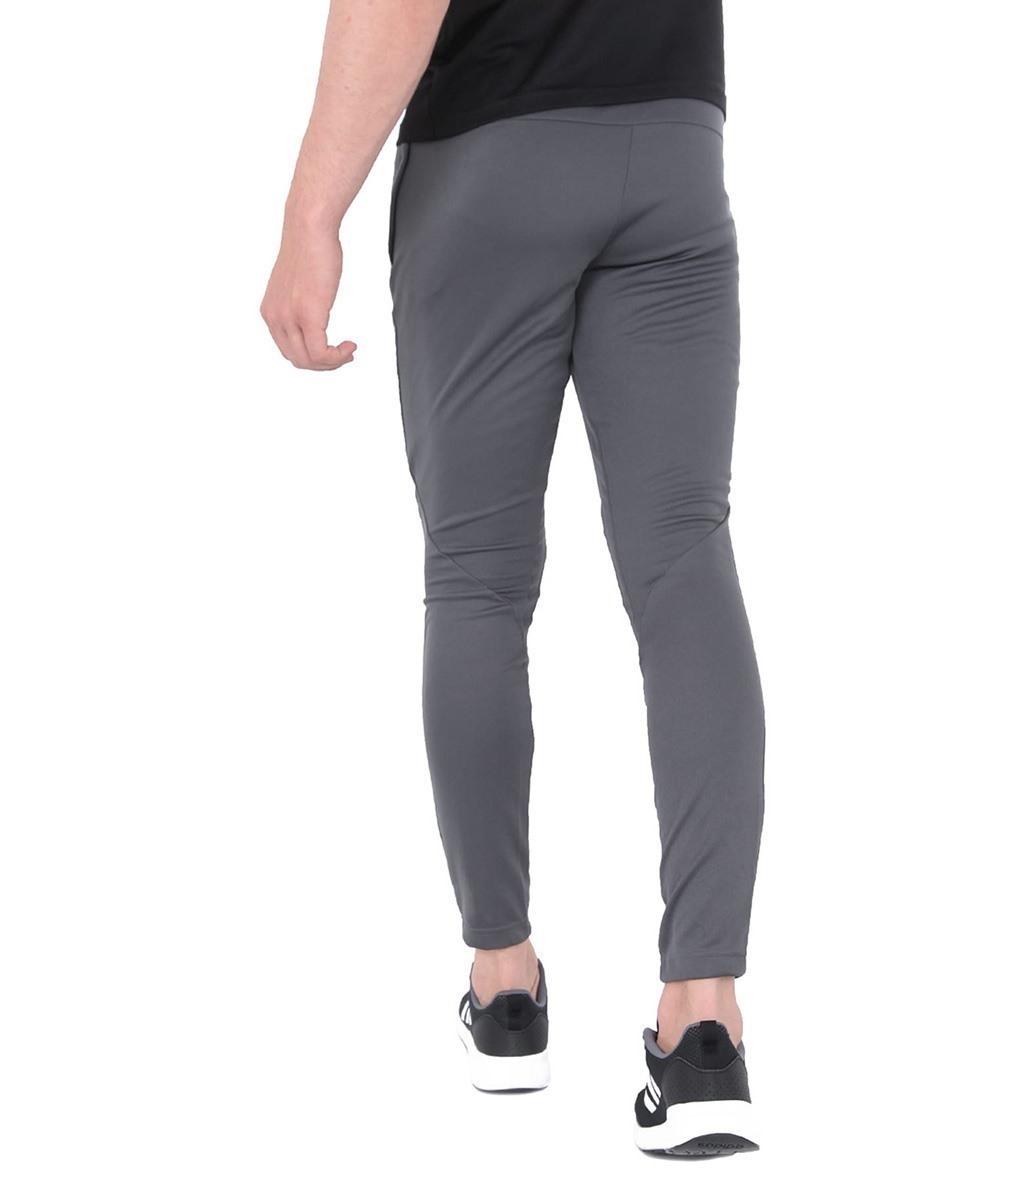 Adidas Workout Pant Eşofman Altı Gri